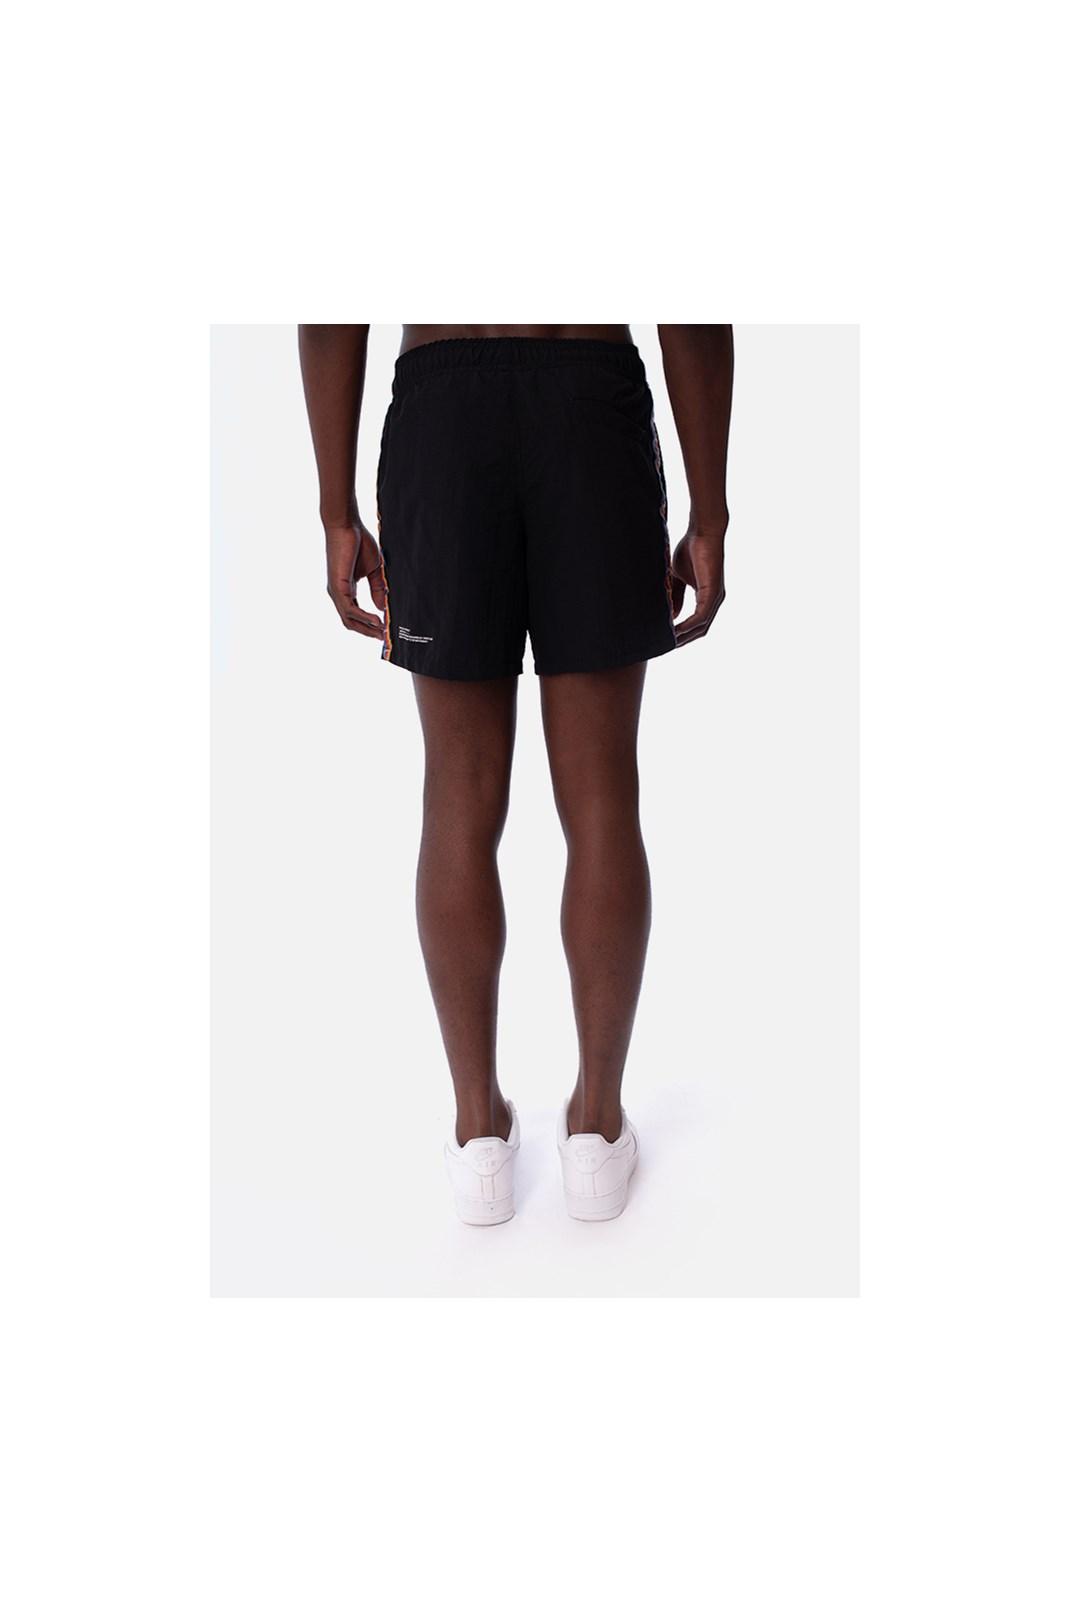 Shorts Approve Pixels&Pills Preto com Faixas